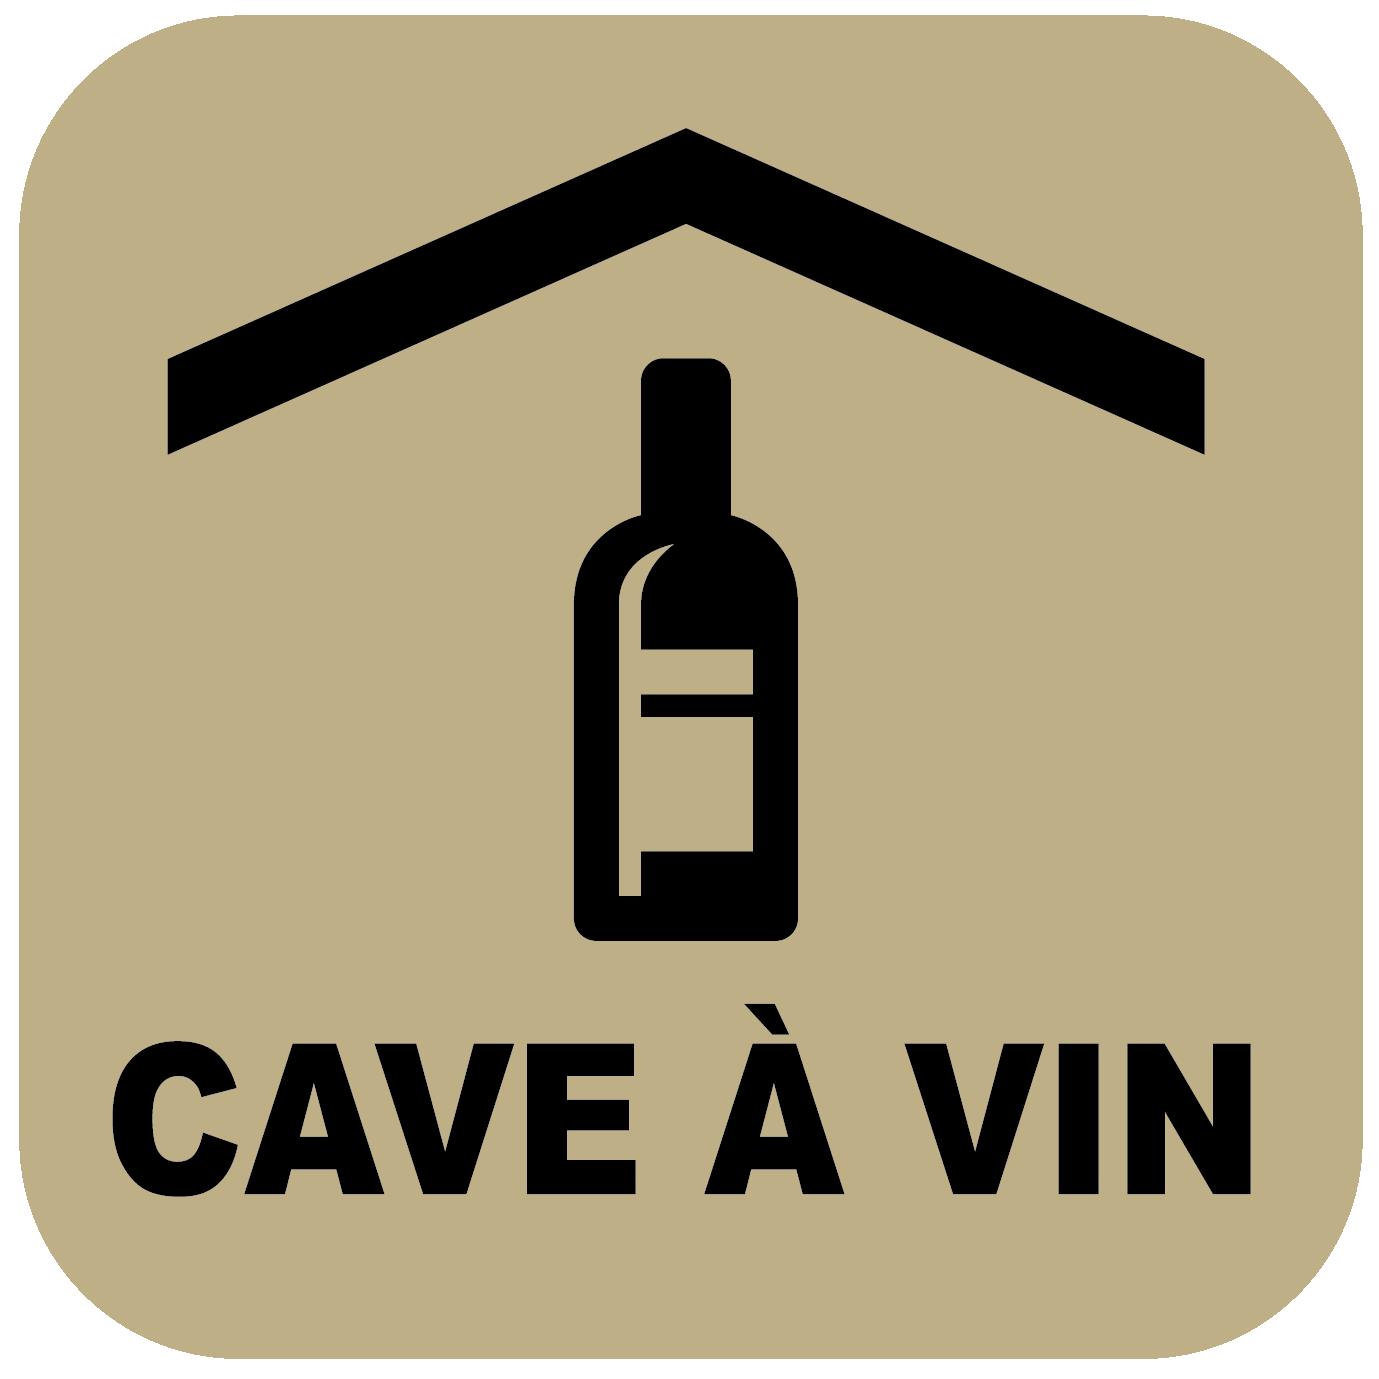 cave vin 44. Black Bedroom Furniture Sets. Home Design Ideas